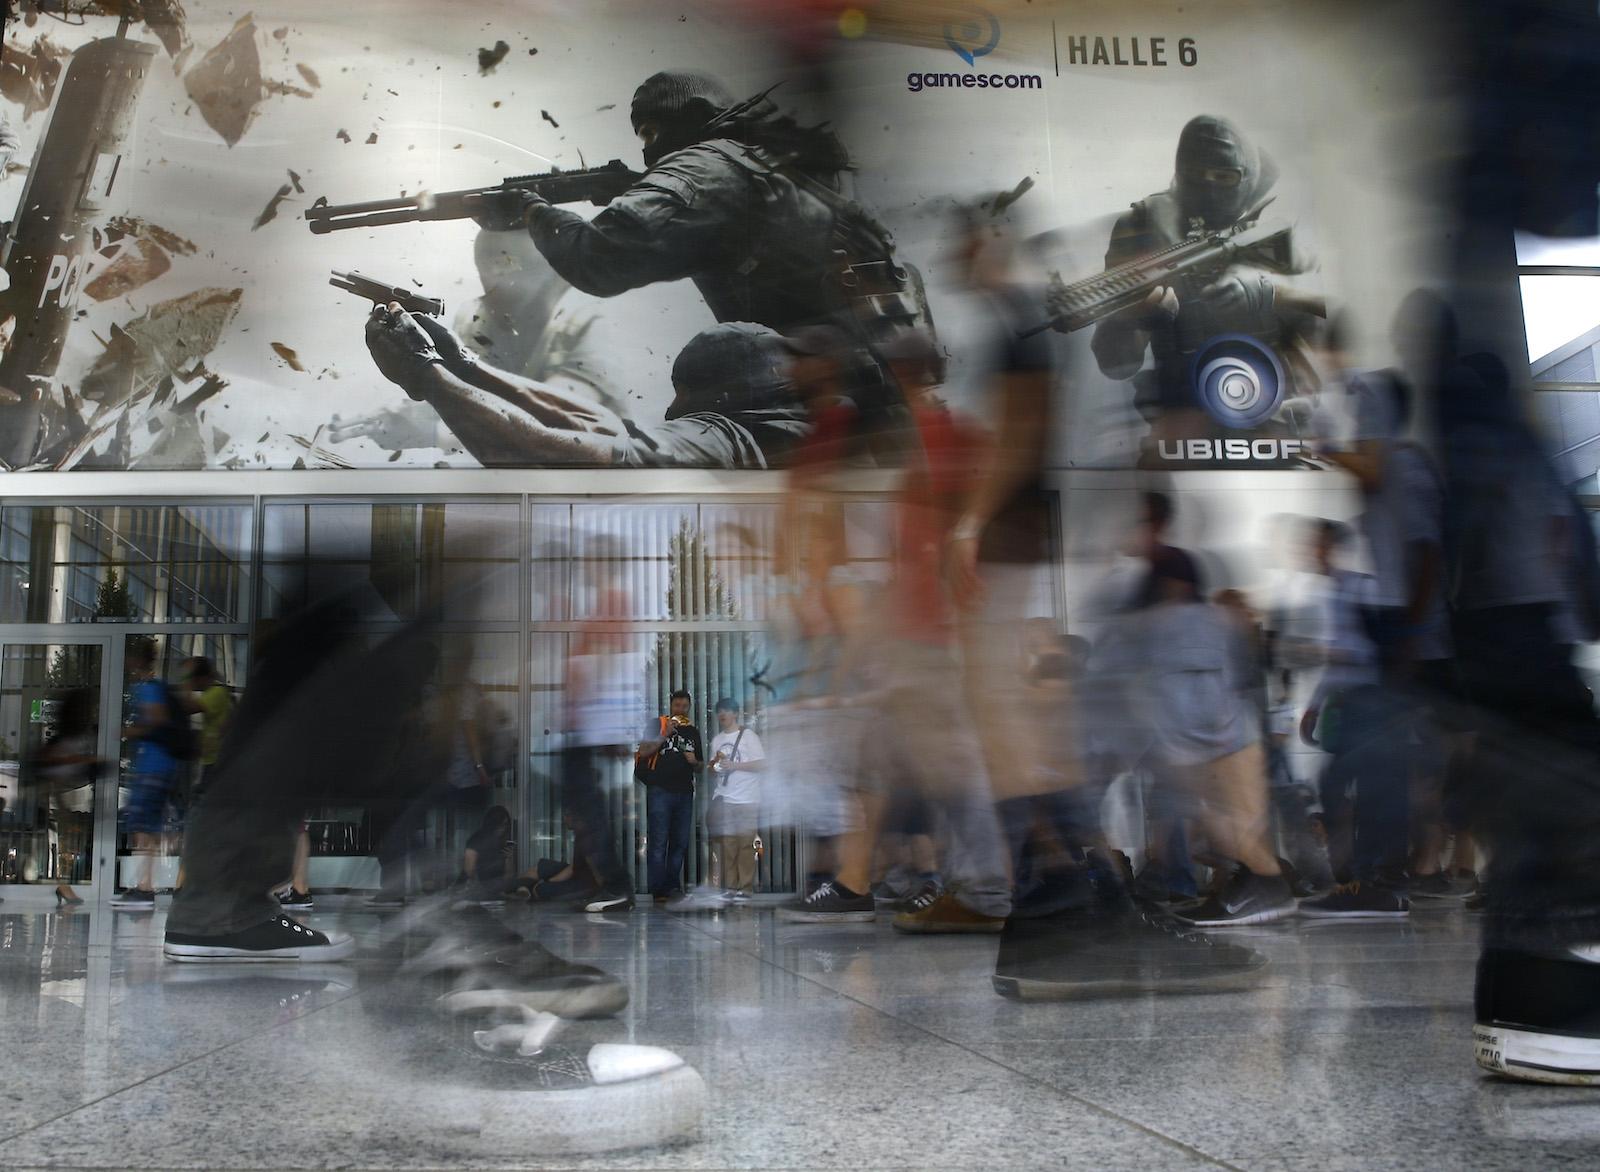 在2015年8月6日於德國科隆舉行的Gamescom展覽會上,參觀者經過Ubisoft的遊戲攤位。Gamescom大會是歐洲最大的視頻遊戲交易會,於8月5日至8月9日舉行。REUTERS / Kai Pfaffenbach TPX IMAGES OF DAY- LR2EB8612IC35